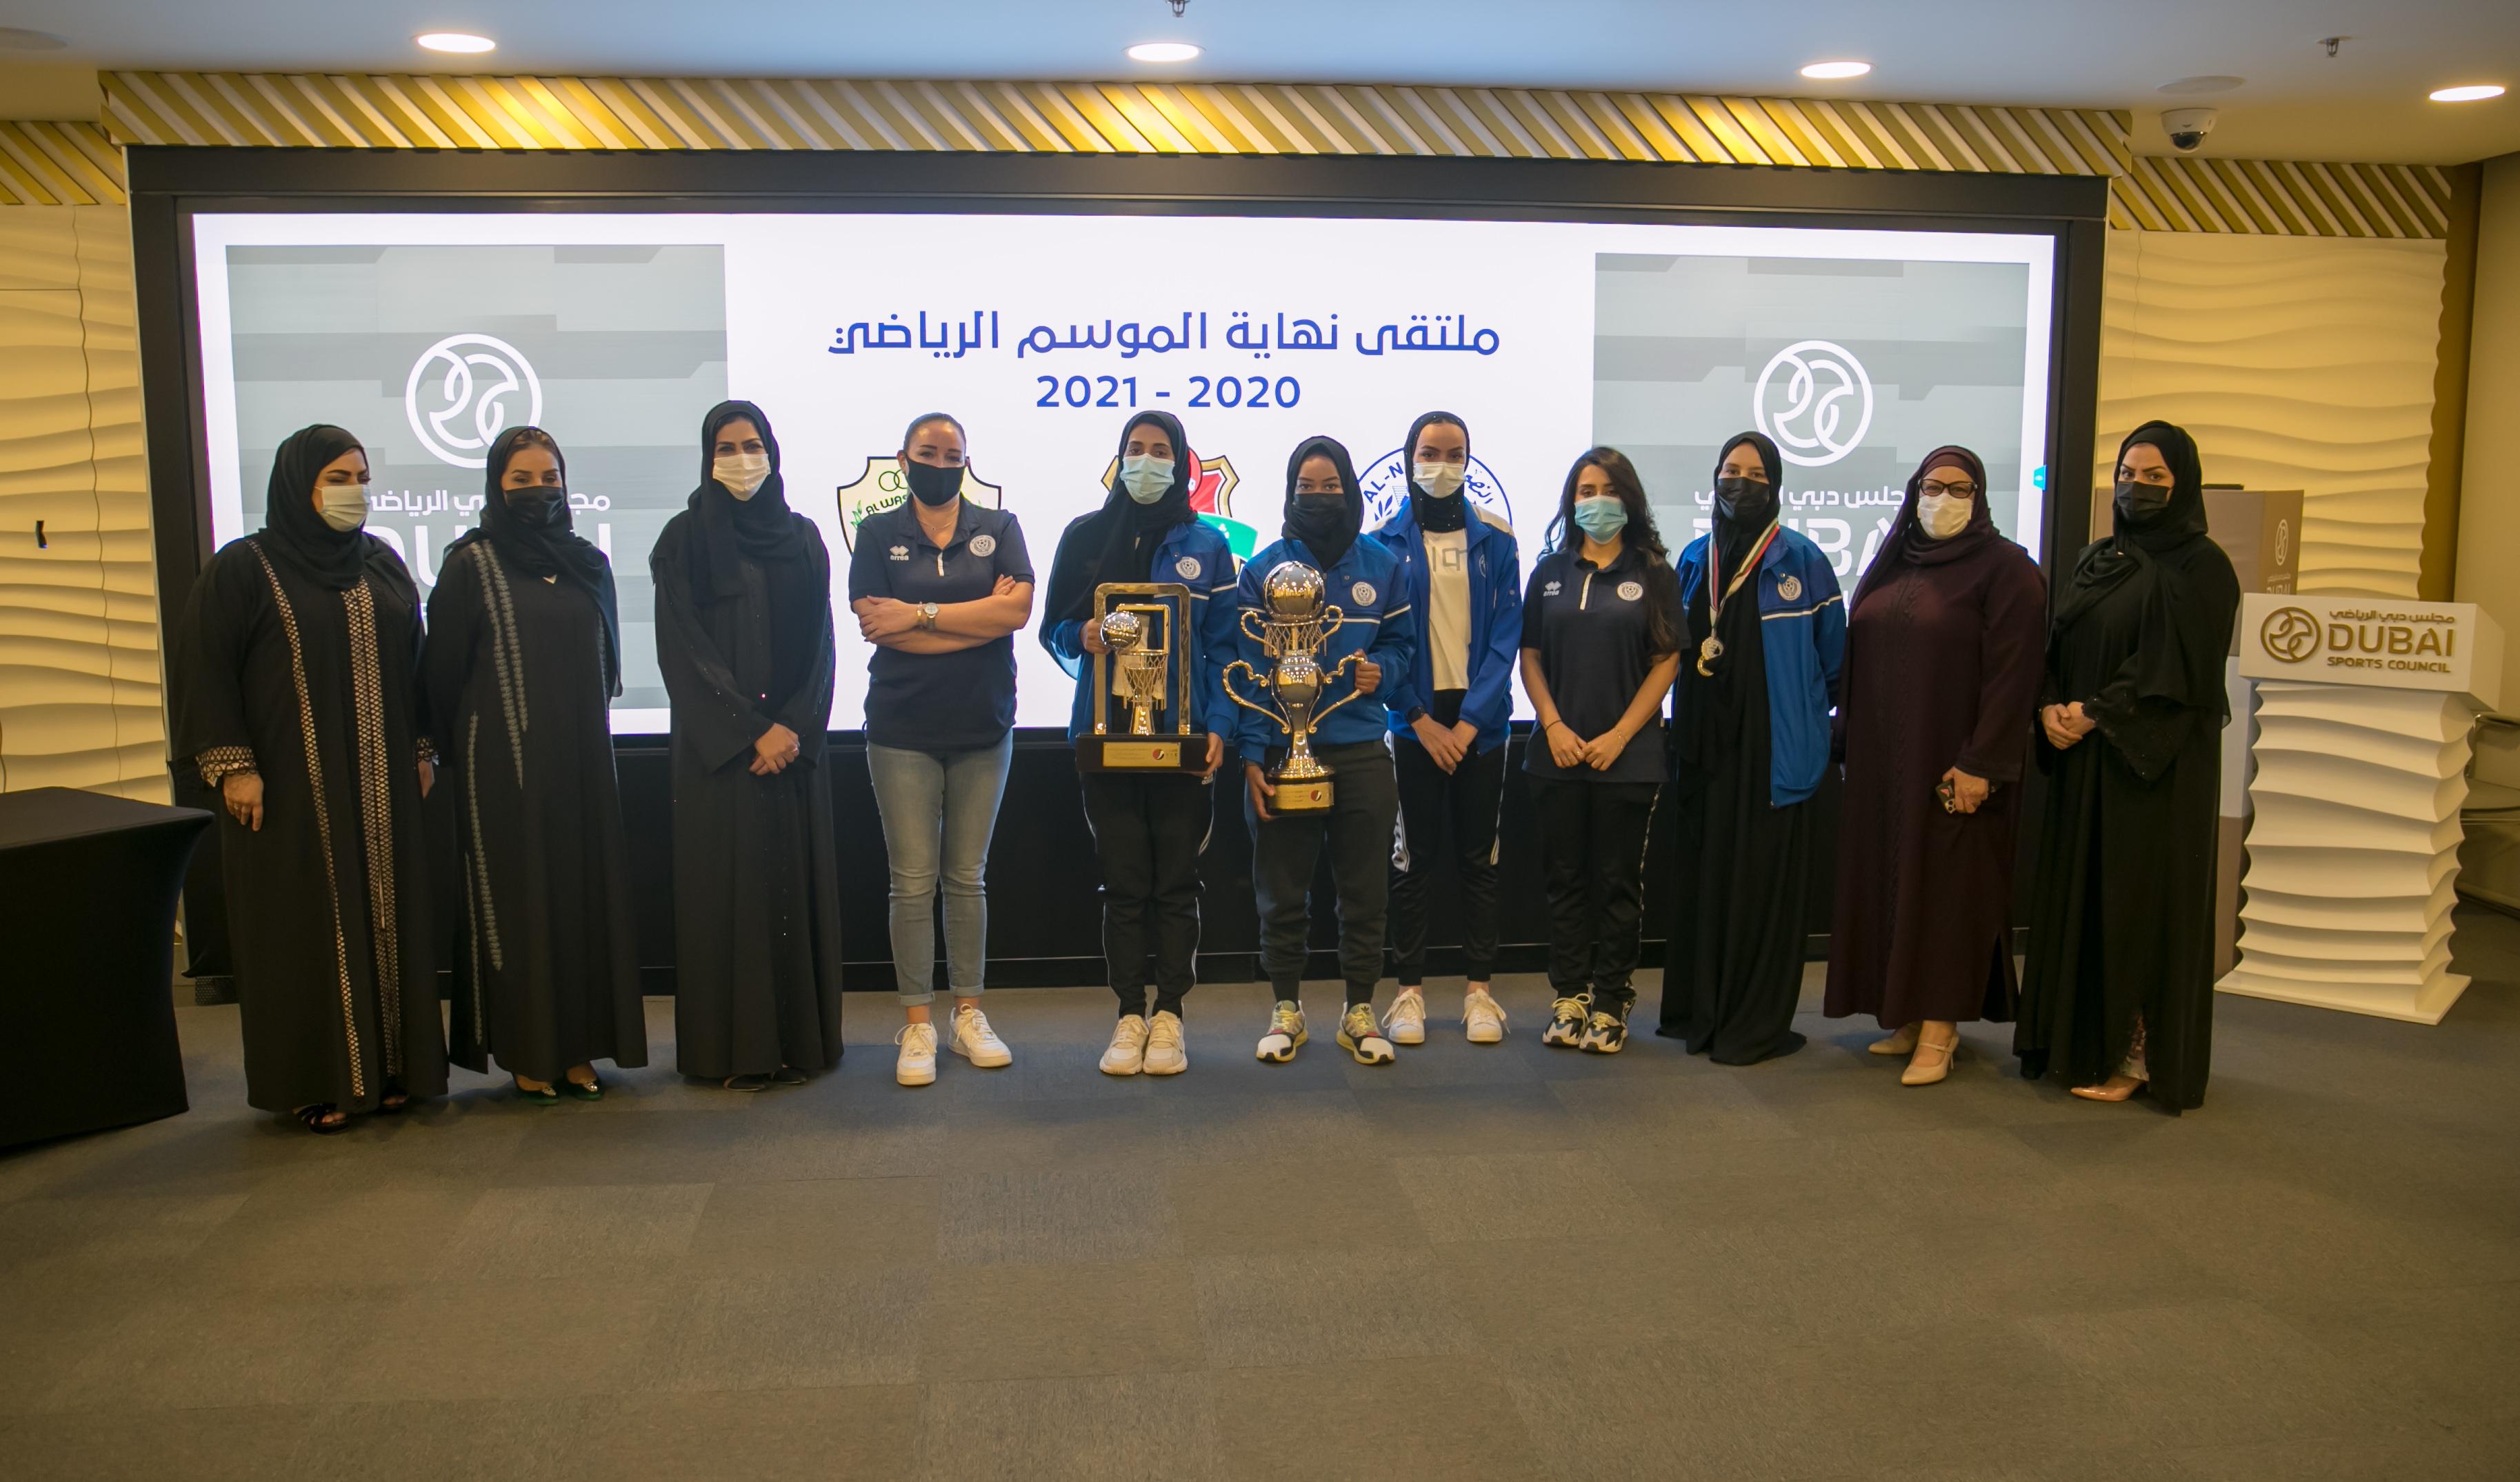 مجلس-دبي-الرياضي-يحتفل-بالإنجازات-النسائية